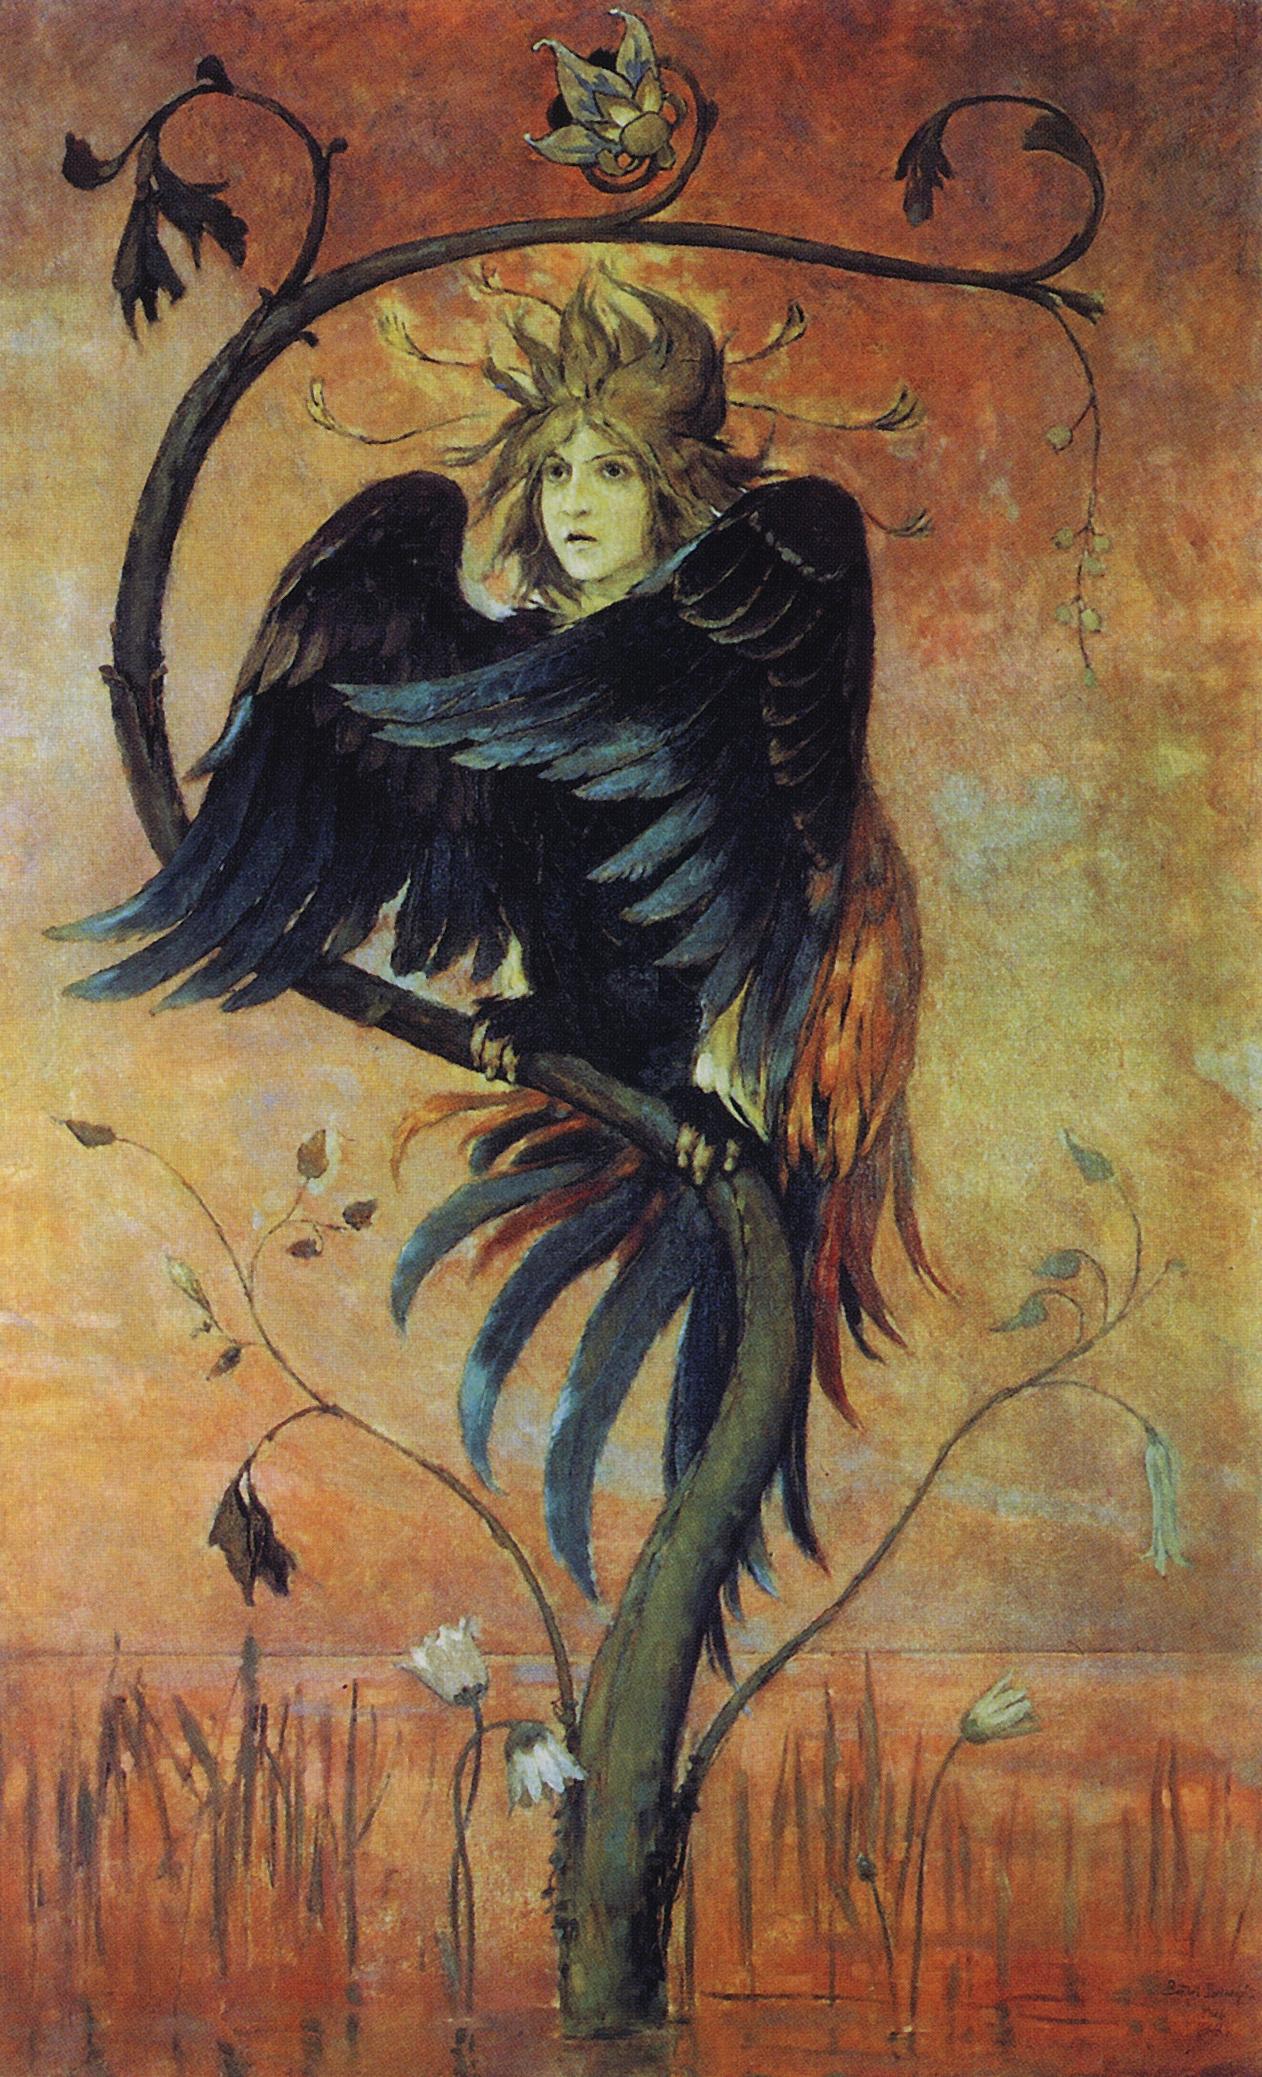 Gamaun, The prophetic bird by Viktor M. Vasnetsov (1848–1926).